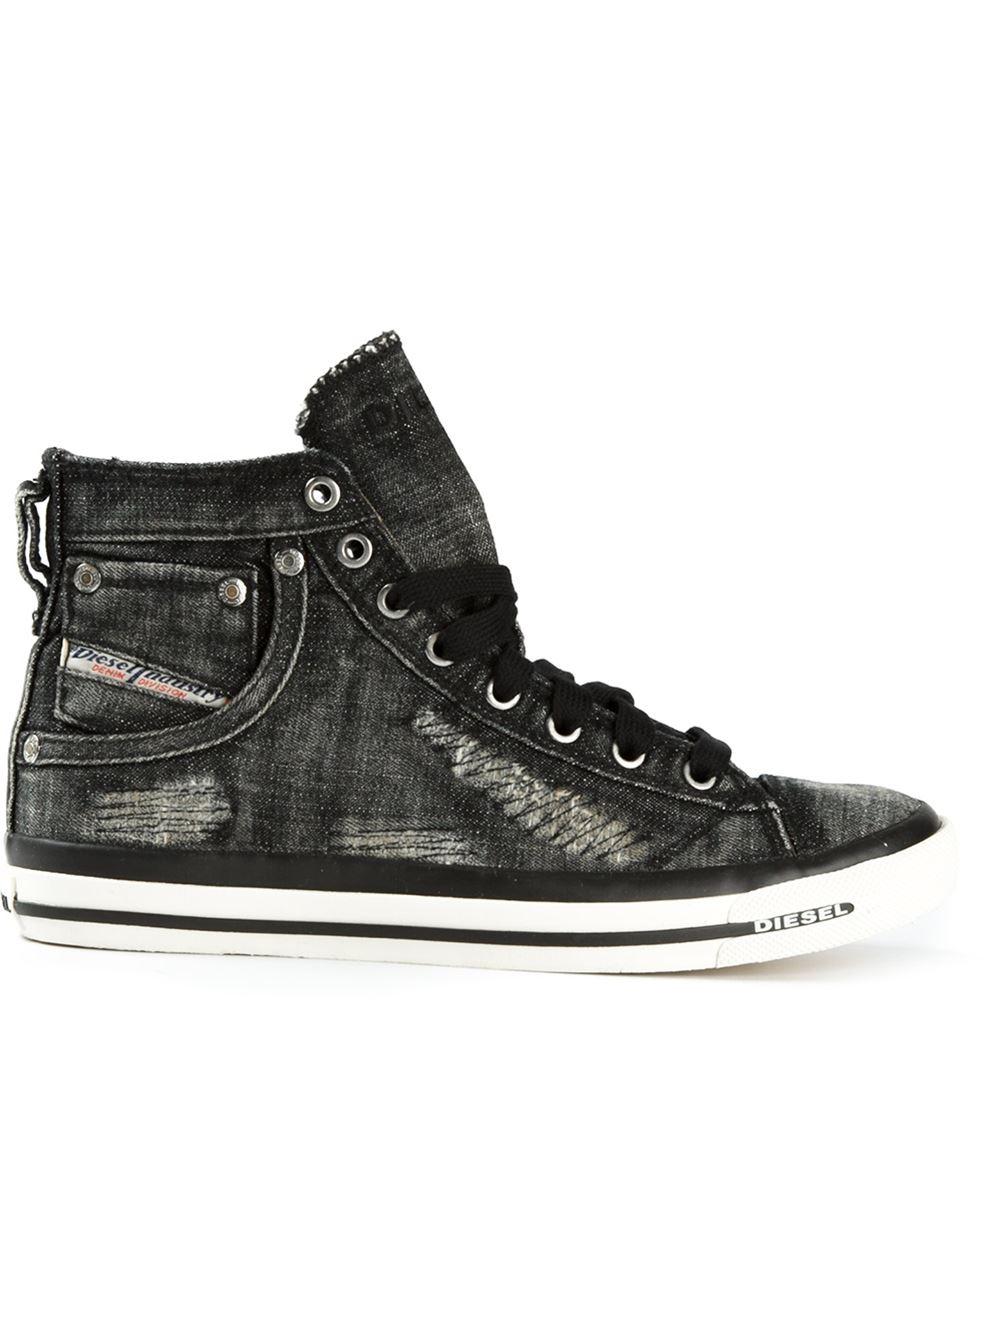 diesel 39 exposure 39 hi top sneakers in black lyst. Black Bedroom Furniture Sets. Home Design Ideas